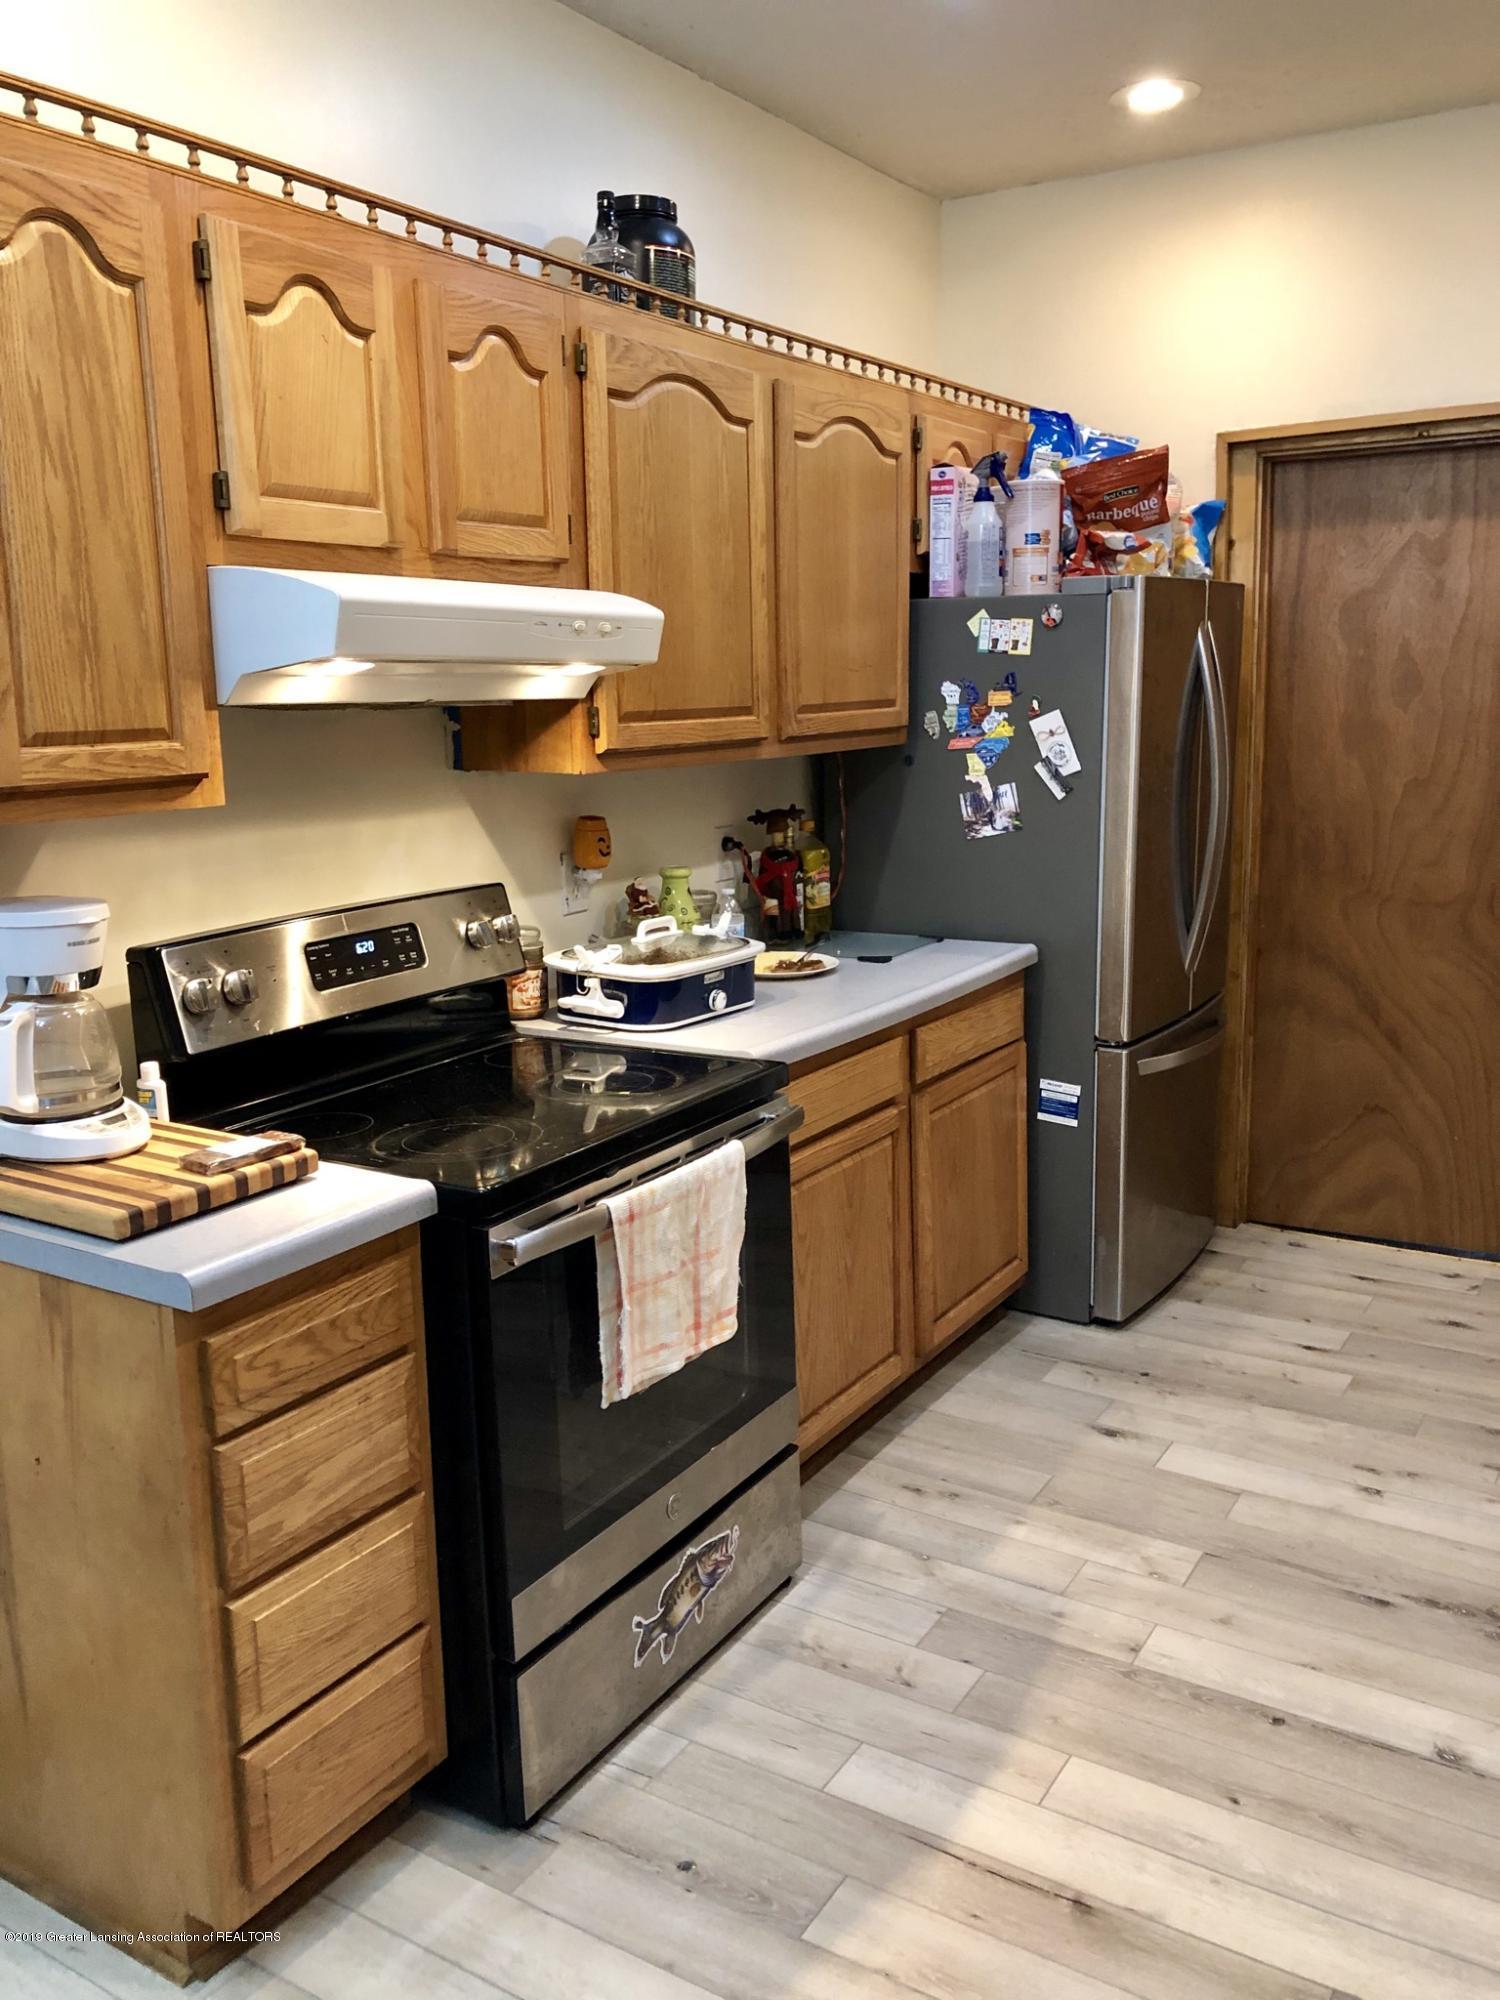 714 Garfield St - Kitchen - 5